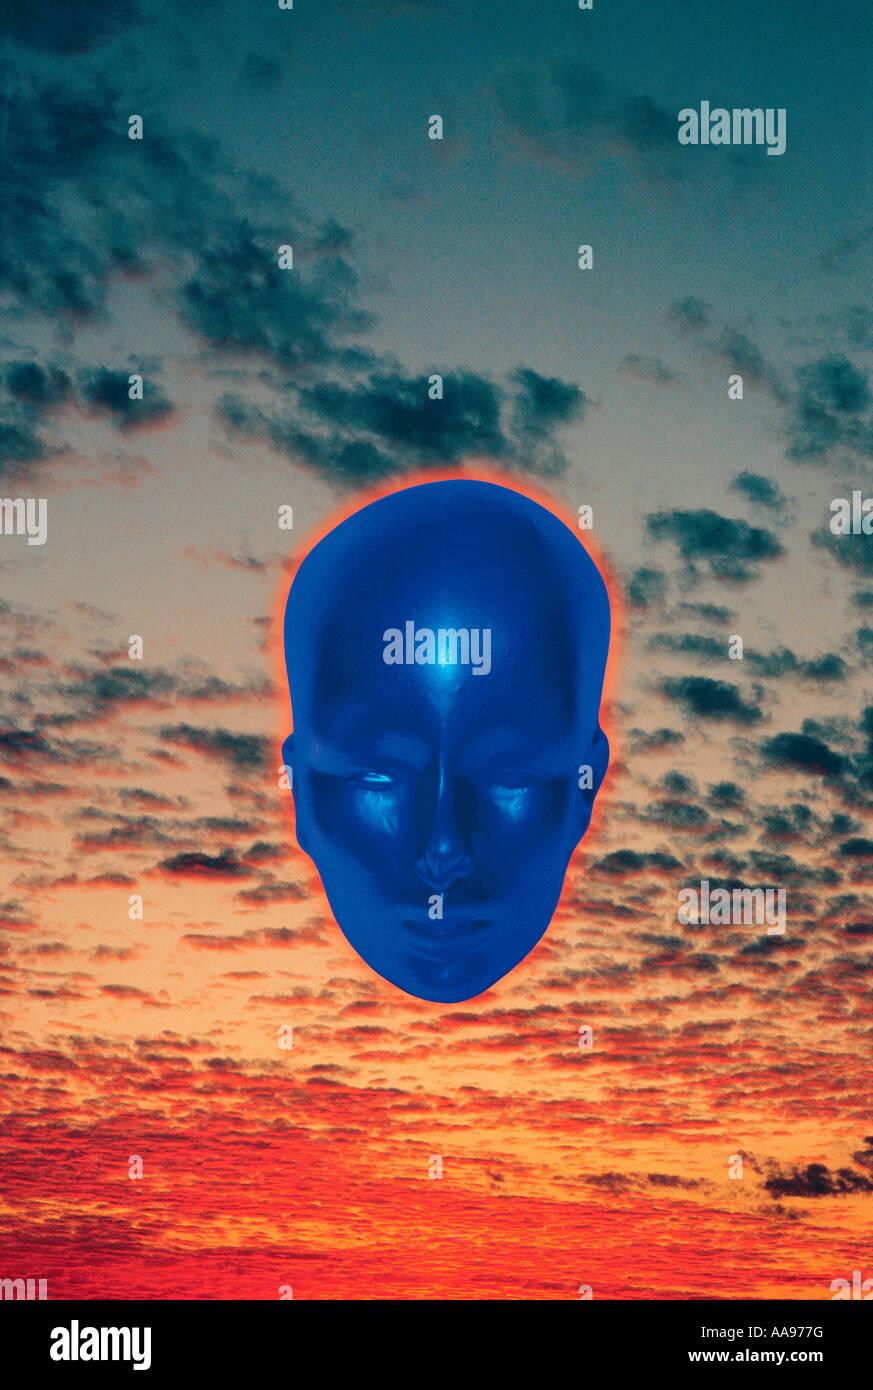 Konzept-Bild des blauen metallischen Leiter im Sonnenuntergang. Stockbild